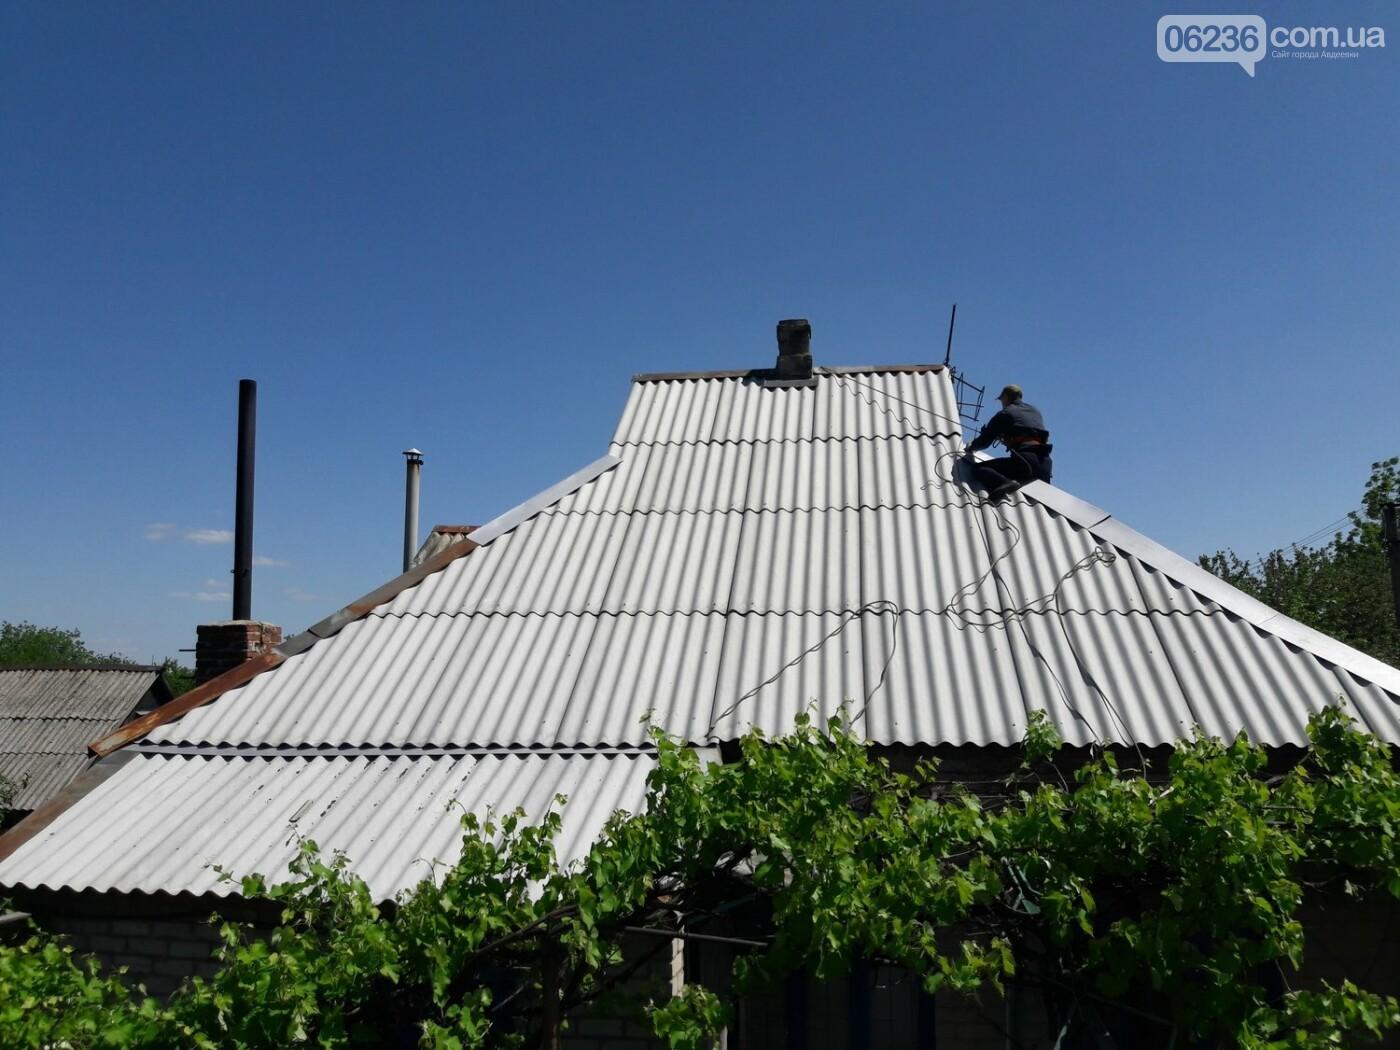 Спасатели продолжают восстанавливать поврежденные в результате боевых действий жилье в Авдеевке (ФОТО), фото-2